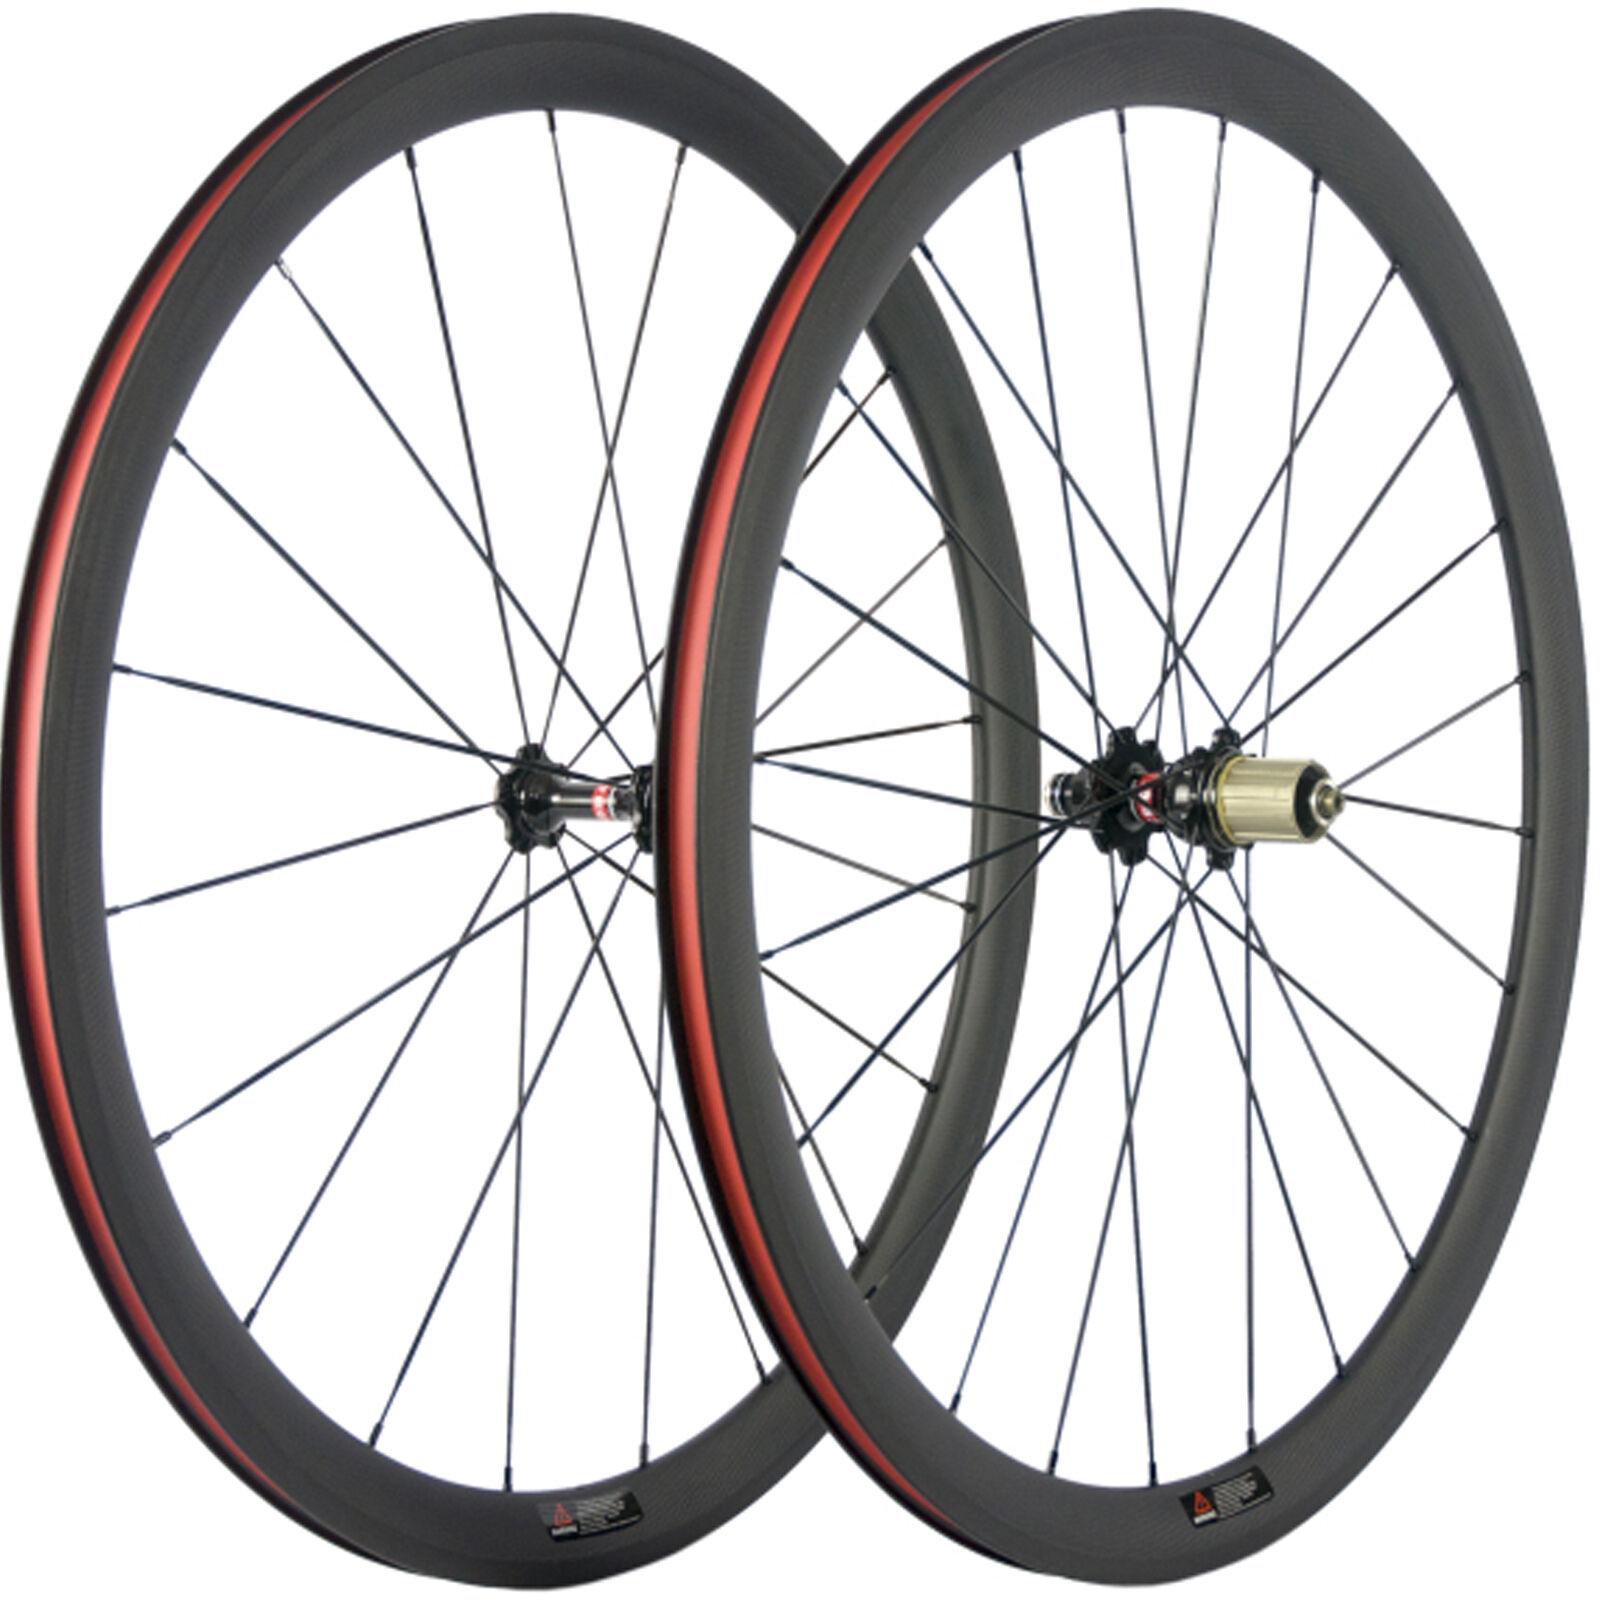 Carbon Wheelset Clincher Road Bike 38mm Carbon Wheels  3k Basalt Brake Surface  limit buy